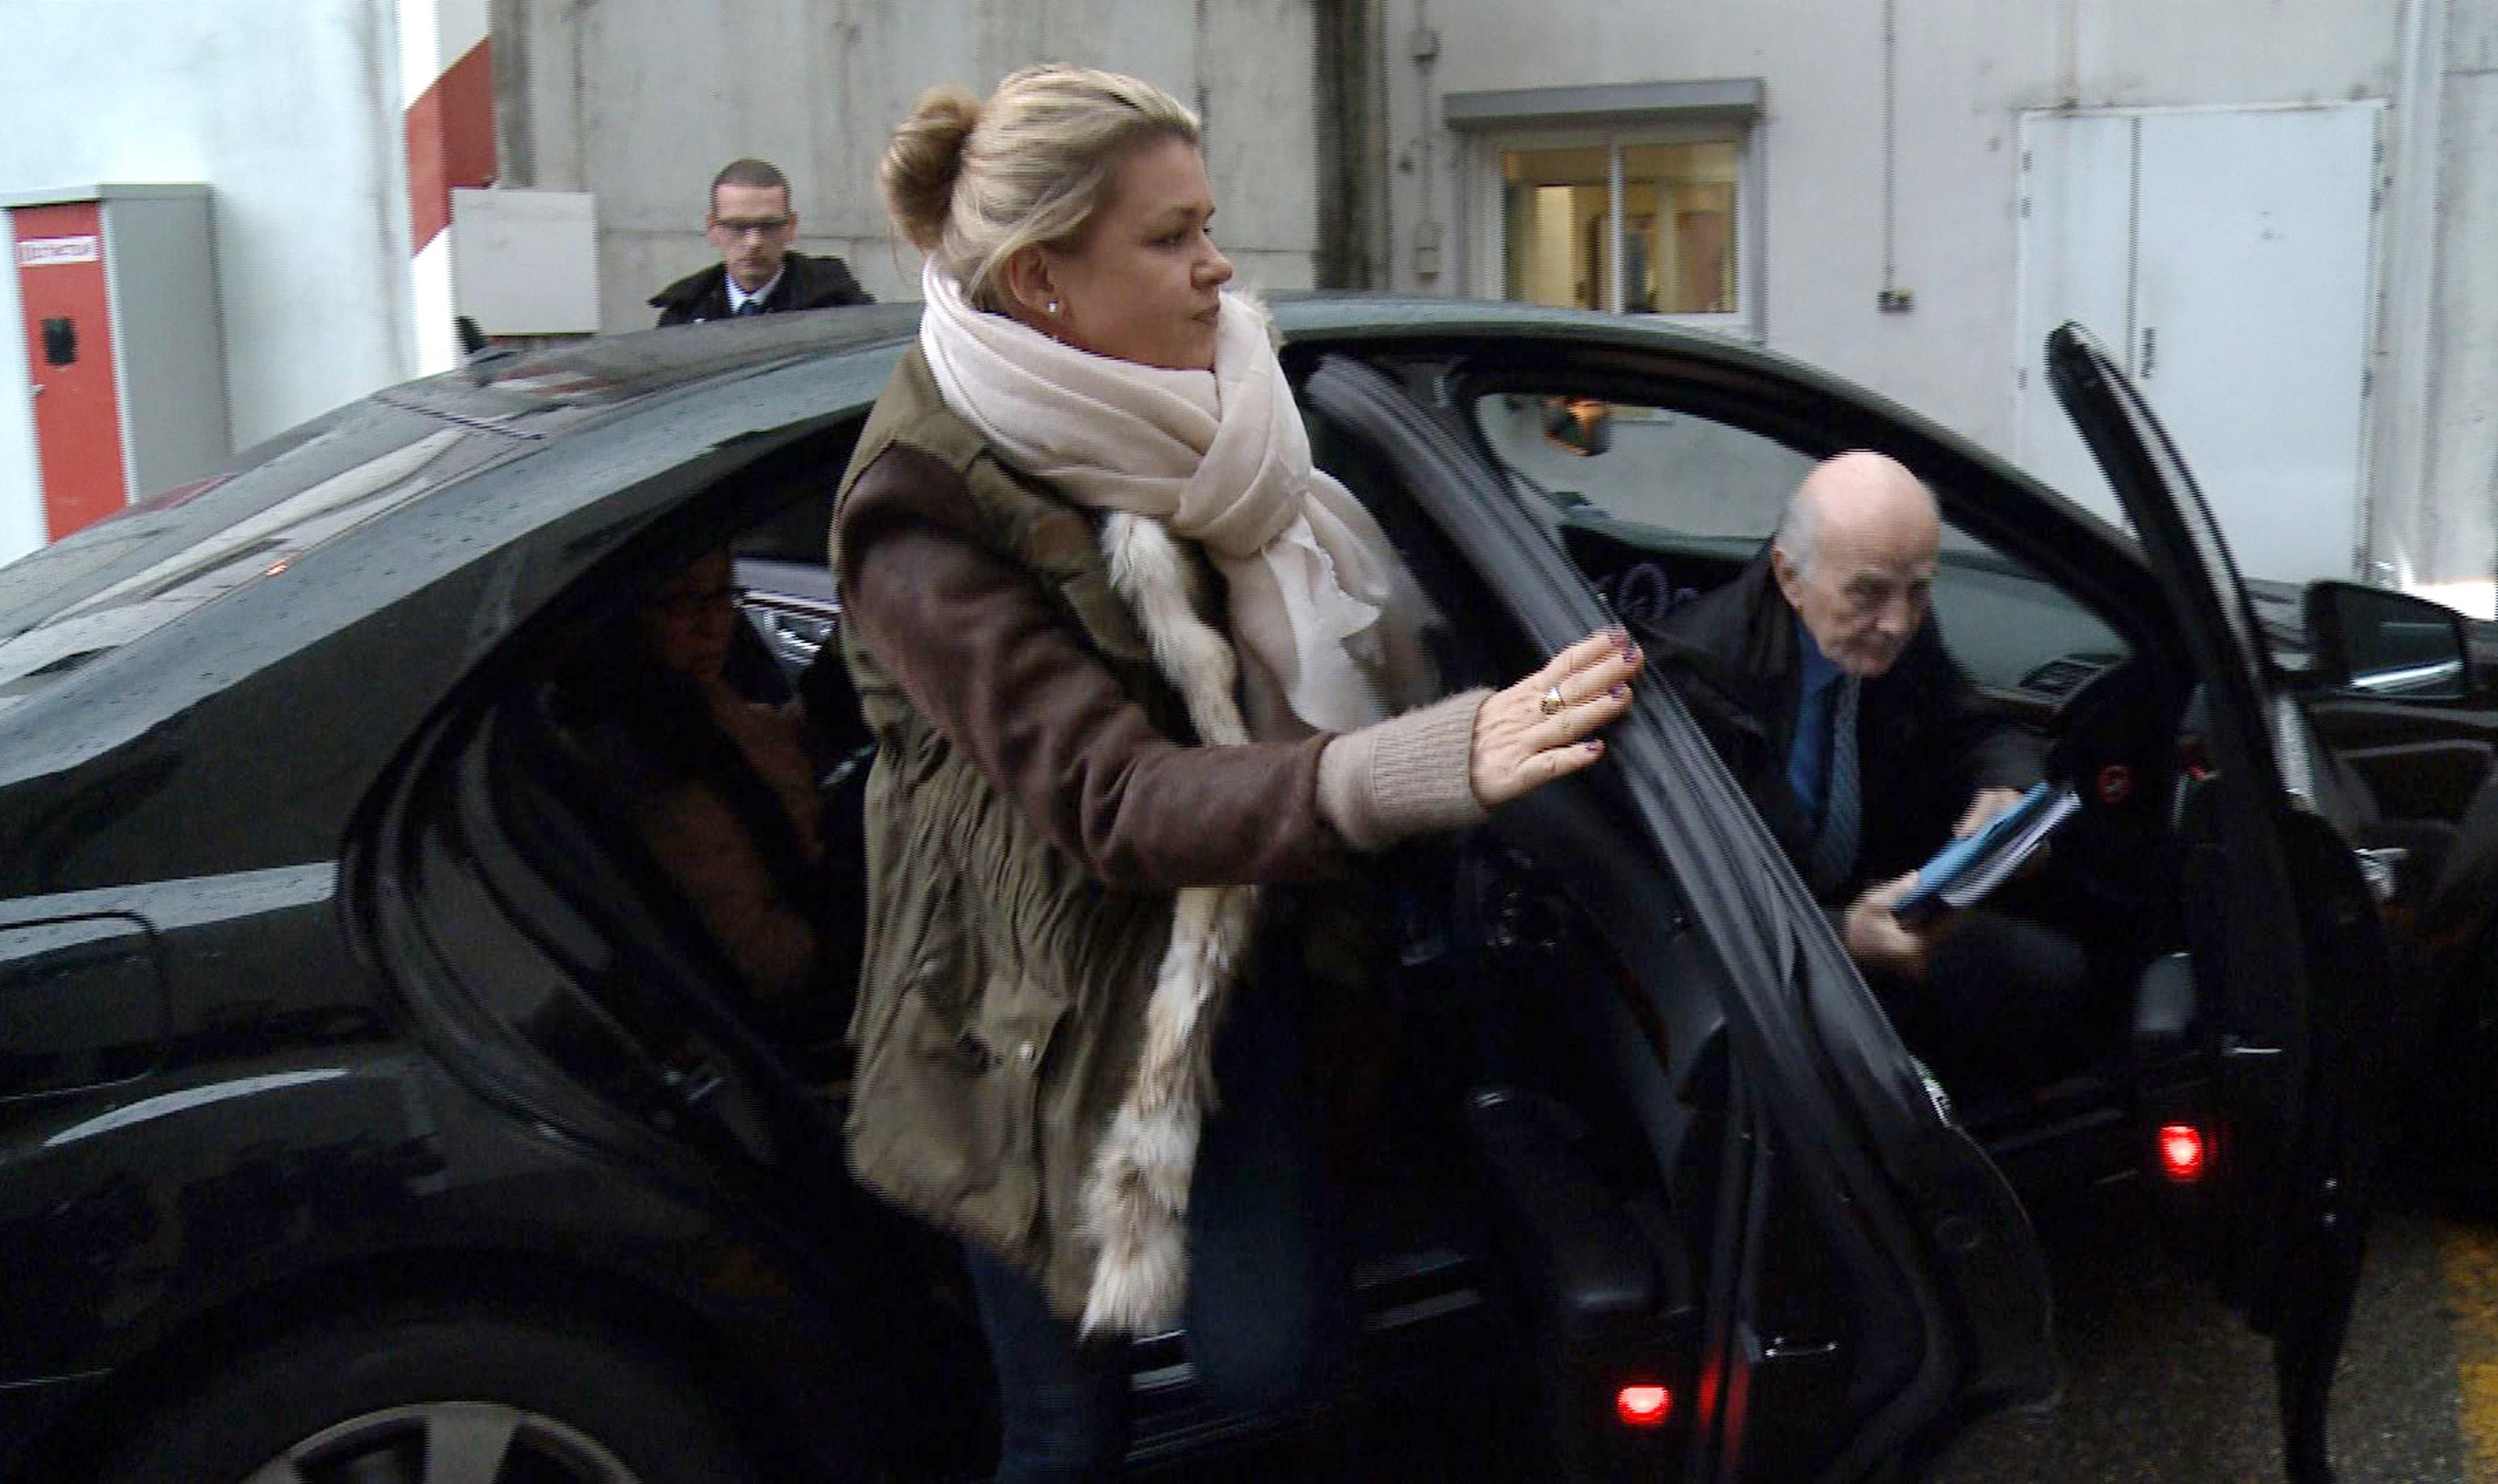 Sotia lui Schumacher se pregateste sa il aduca pe fostul pilot acasa. Pe ce a cheltuit 10 milioane de lire sterline